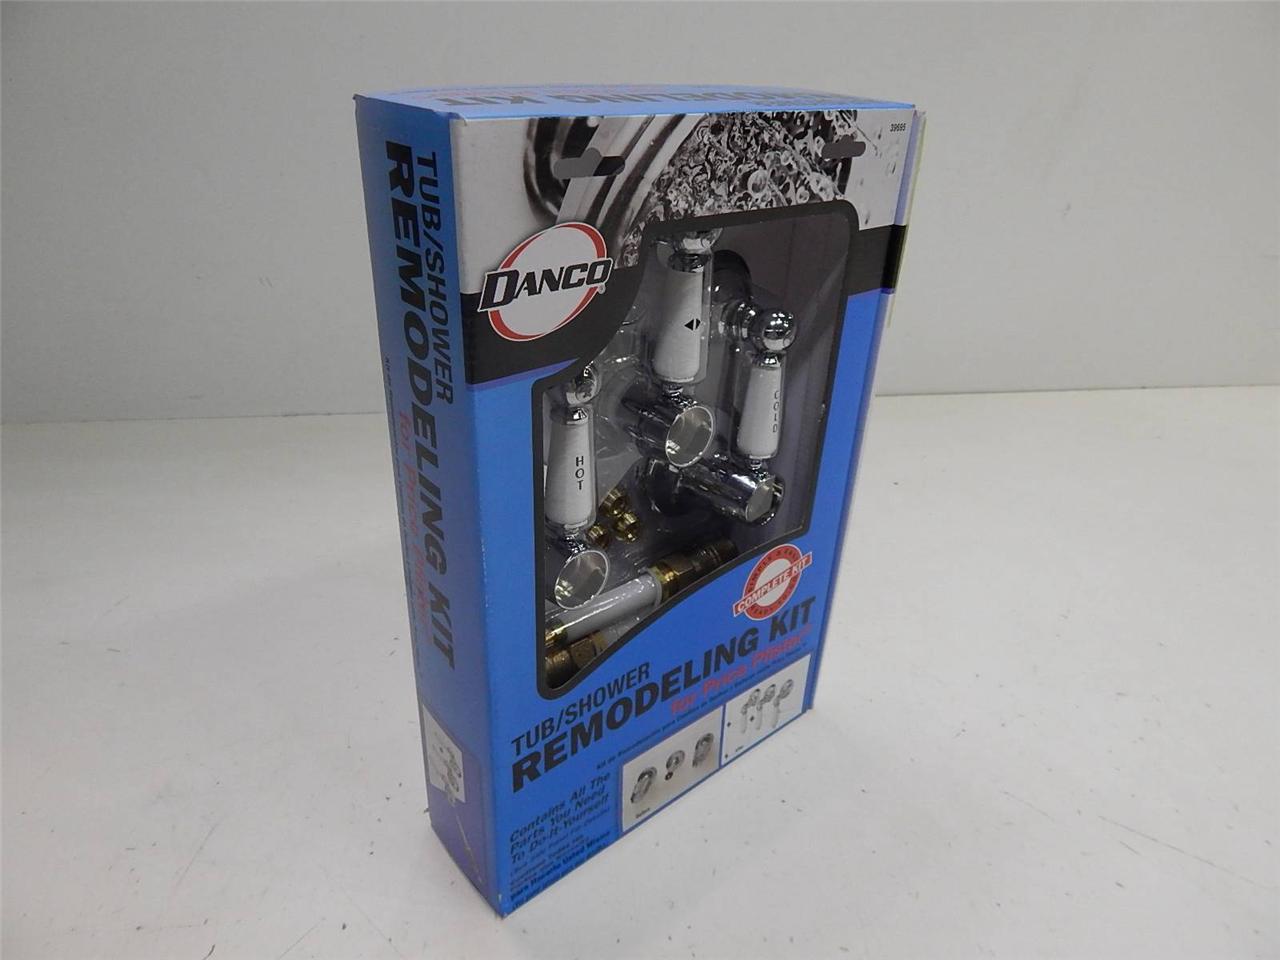 Danco 39695 Tub Shower Remodeling Kit For Price Pfister